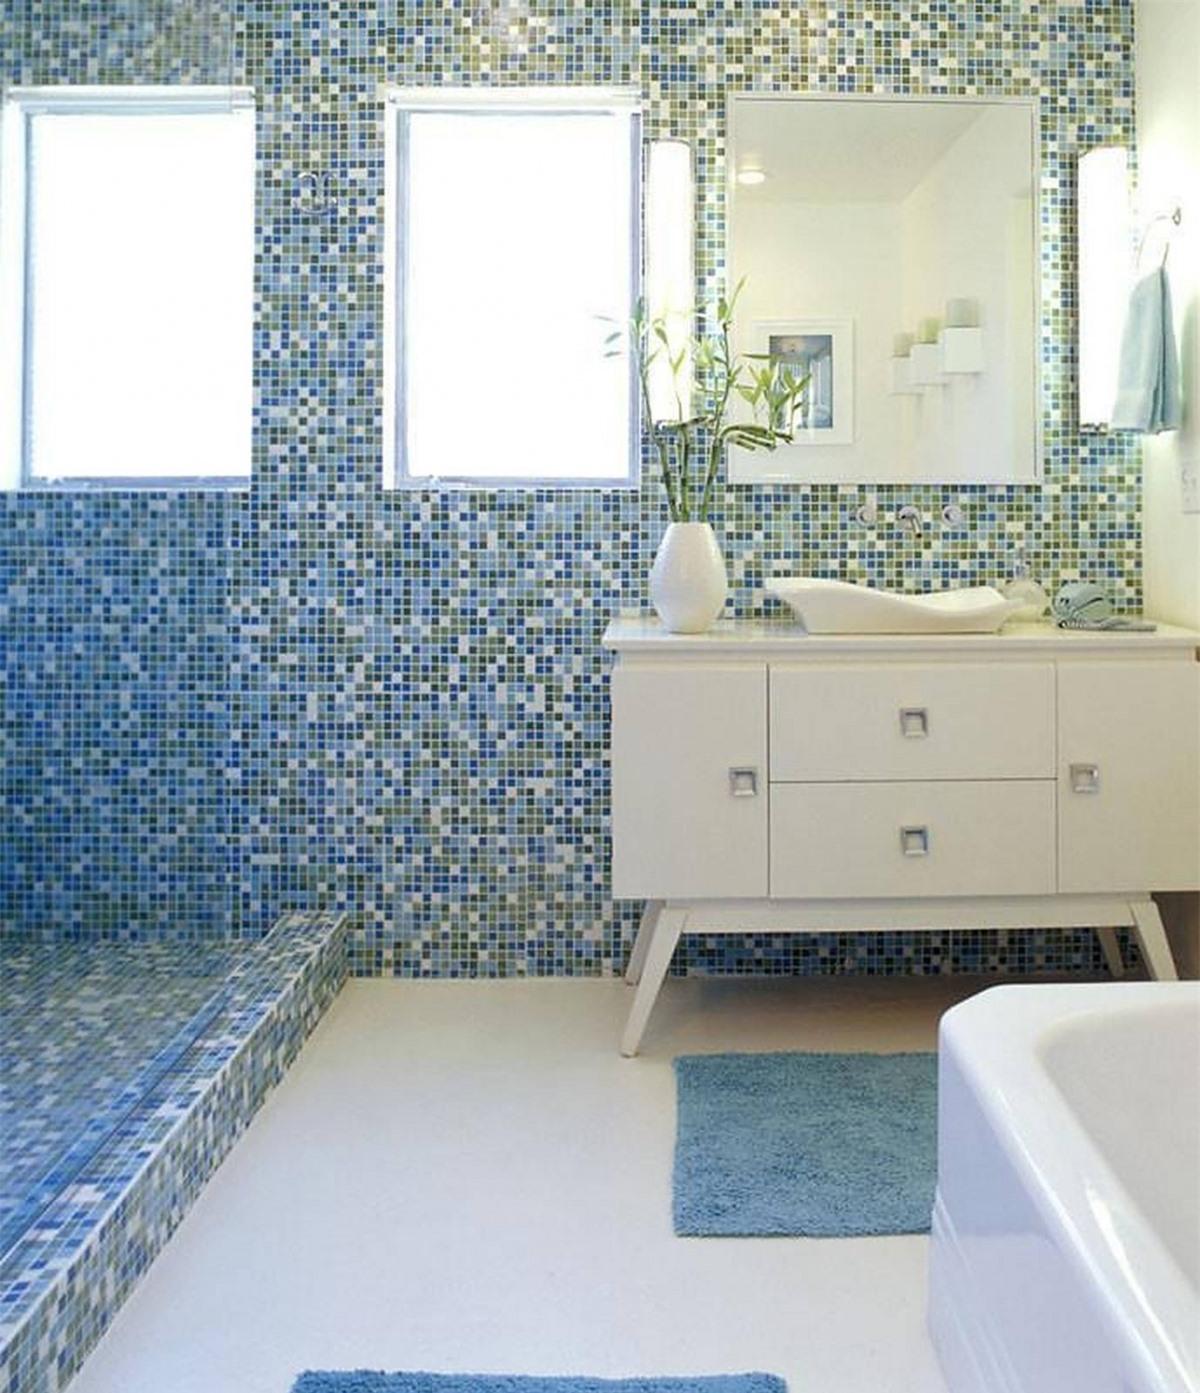 Sử dụng sự kết hợp tối giản giữa xanh lam và màu trắng sẽ tạo nên một không gian nhẹ nhàng, trông rộng rãi hơn.